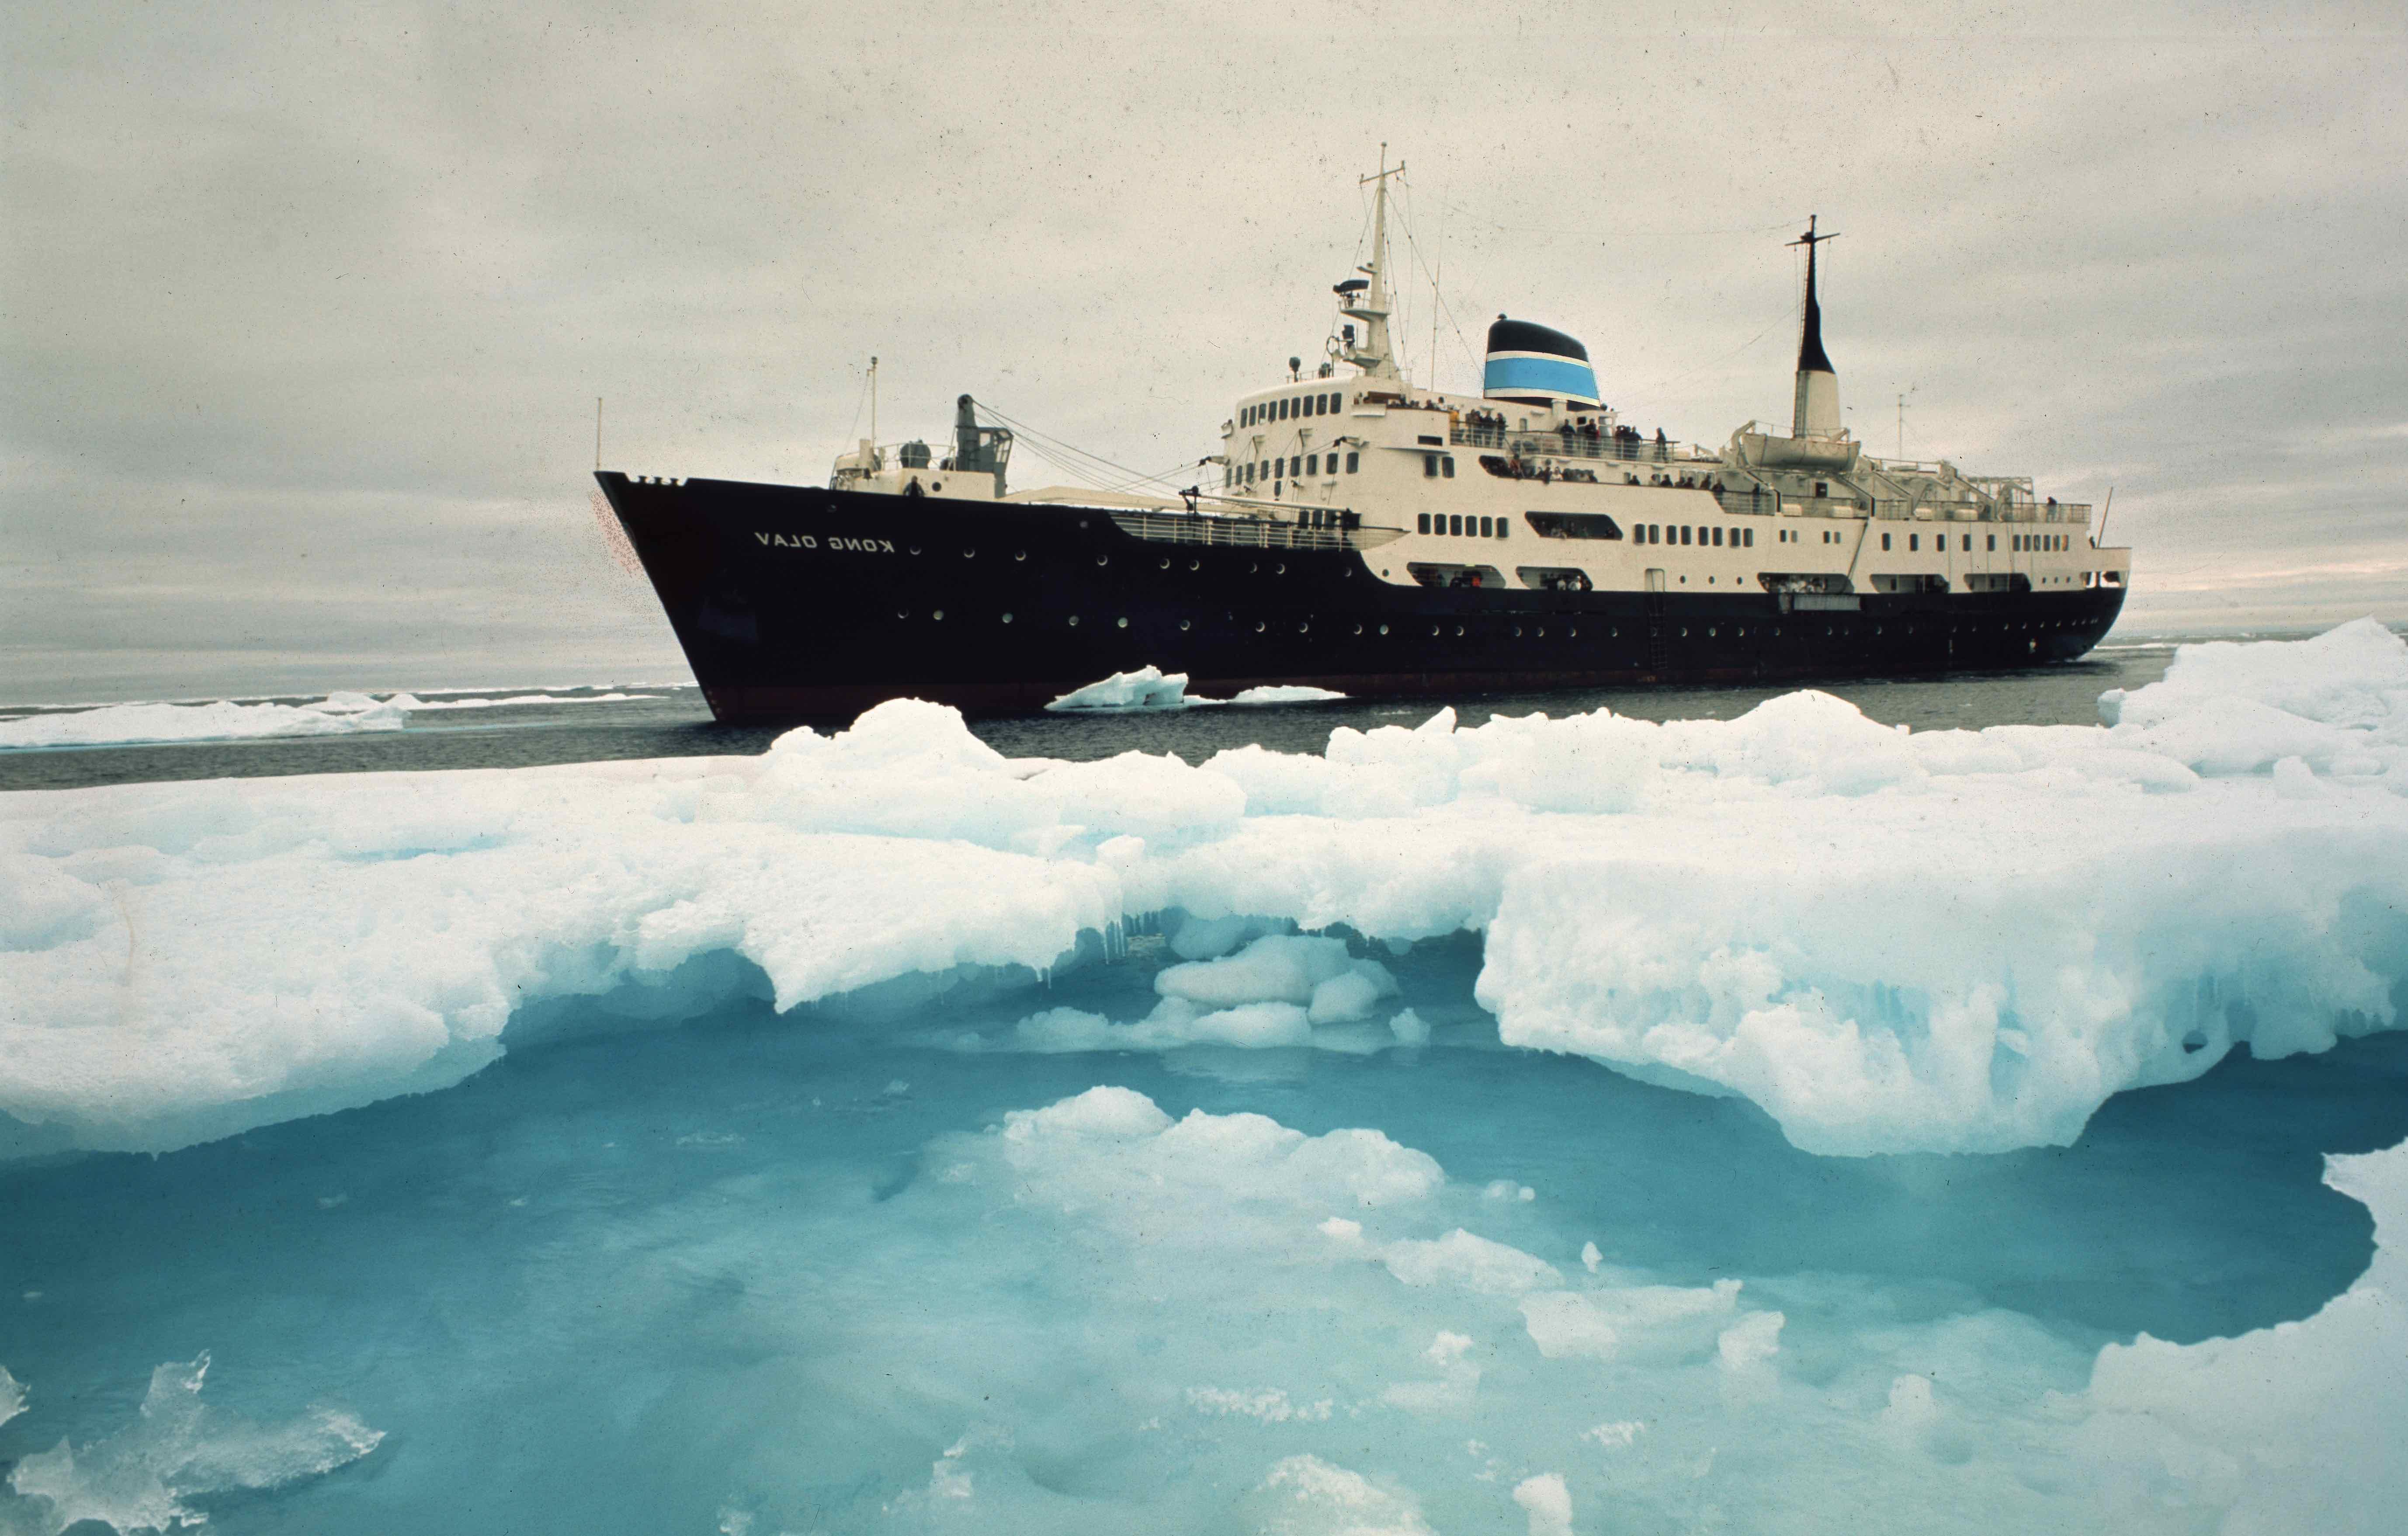 Bildet er speilvendt. Skipet er i isen.